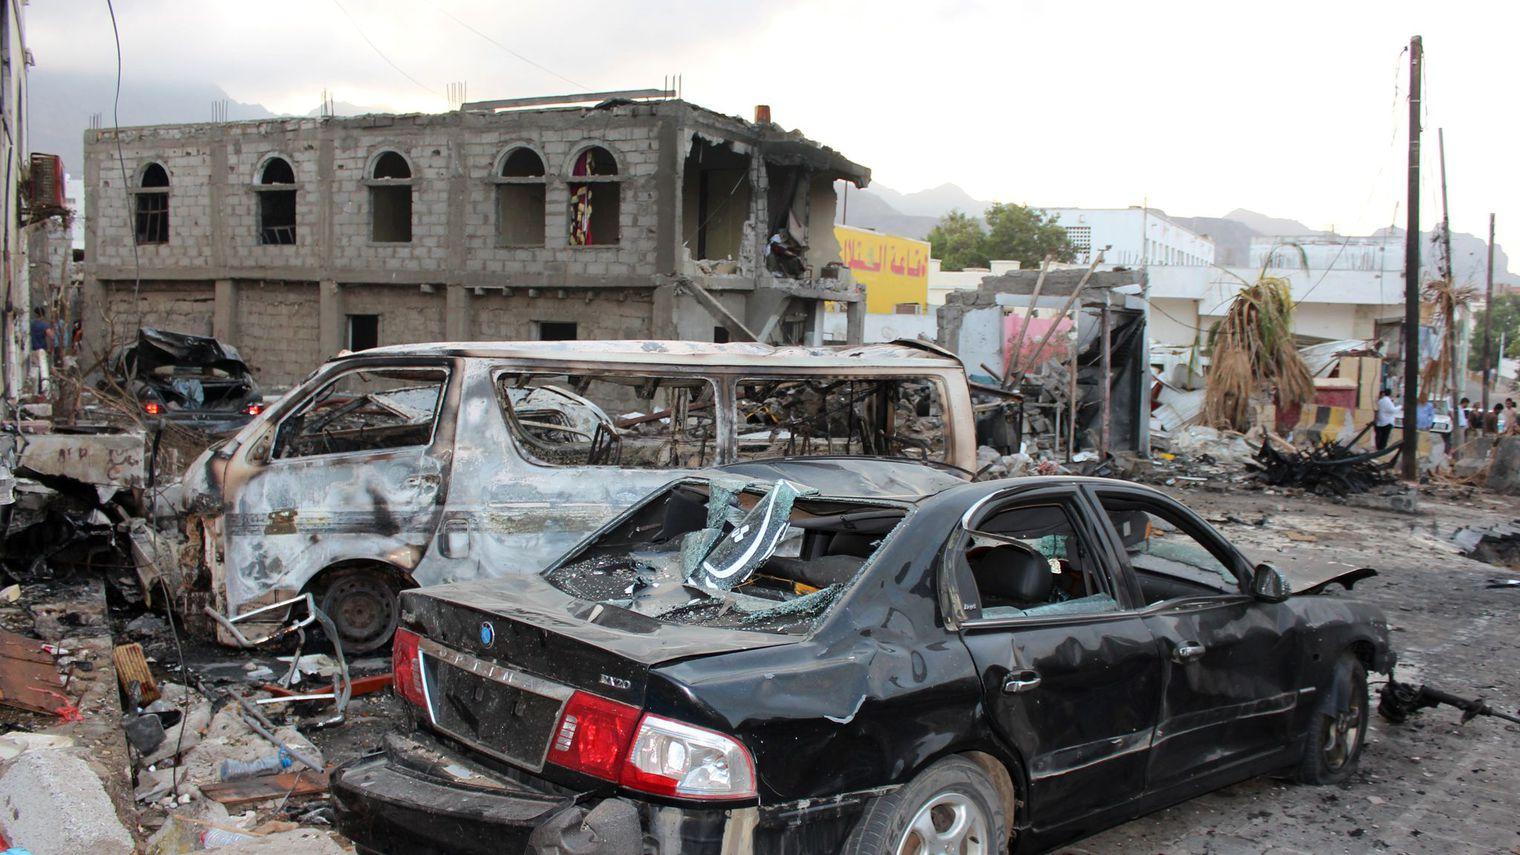 Un attentat visant le chef de la police fait plusieurs blessés à Aden